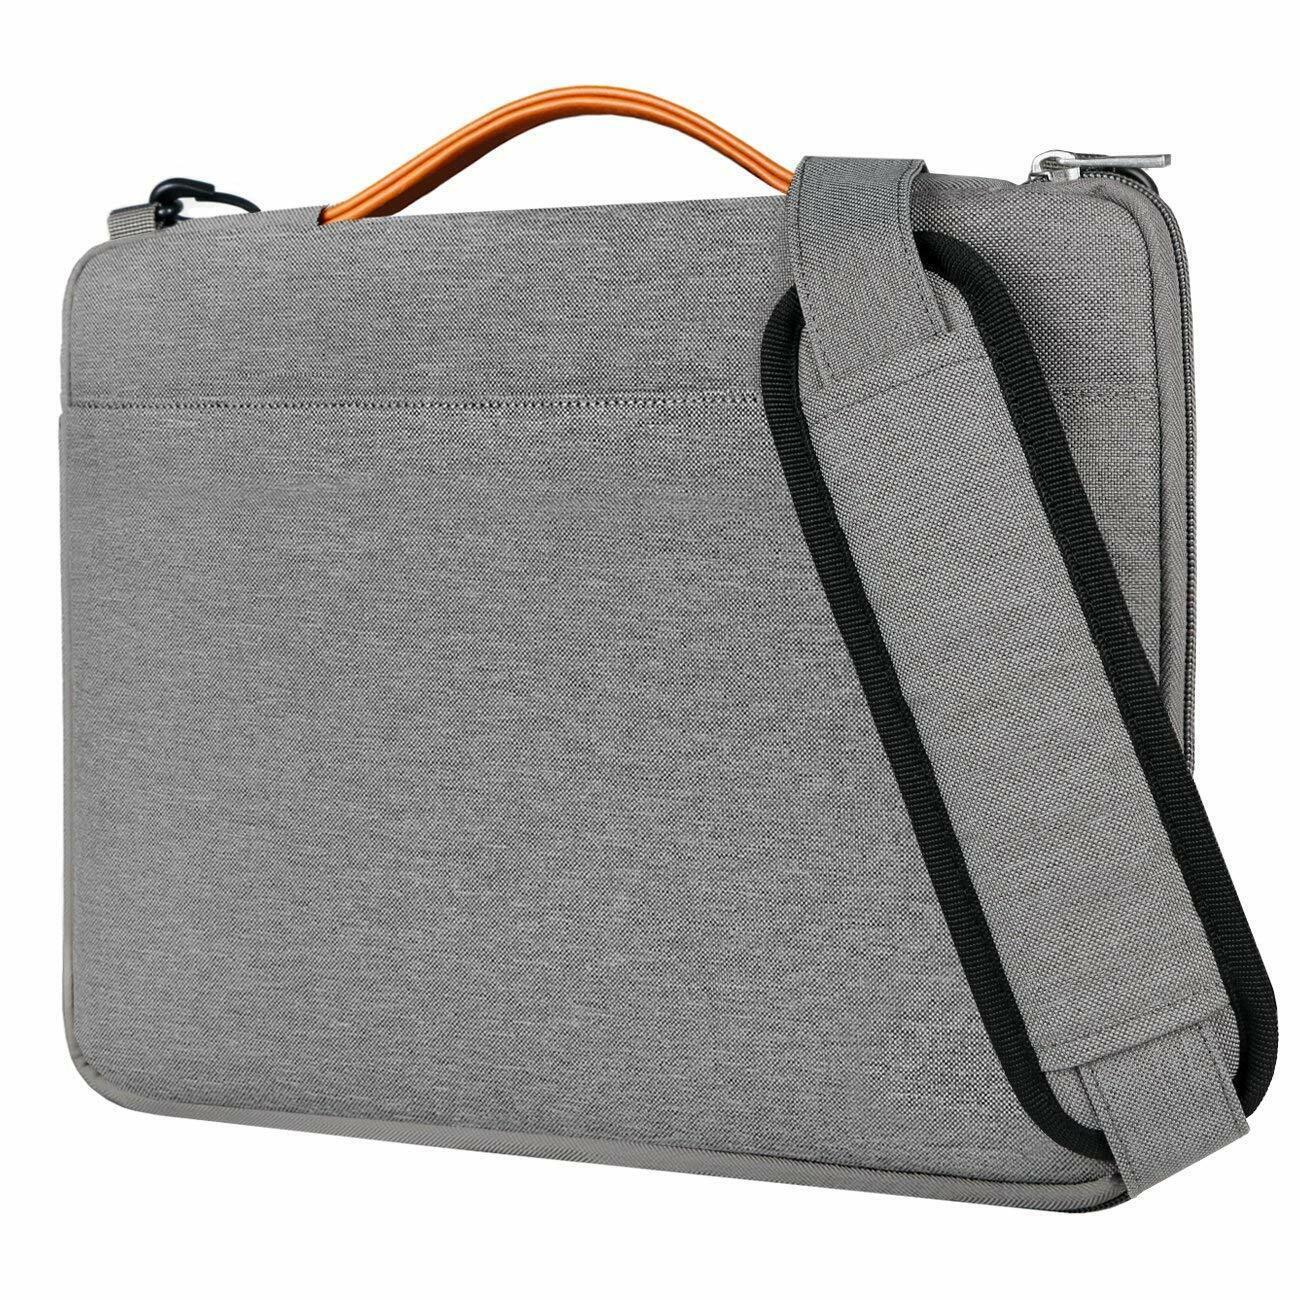 Inateck 15,6 Zoll Laptop Schultertasche, Wasserdichte Laptop Hülle, Grau